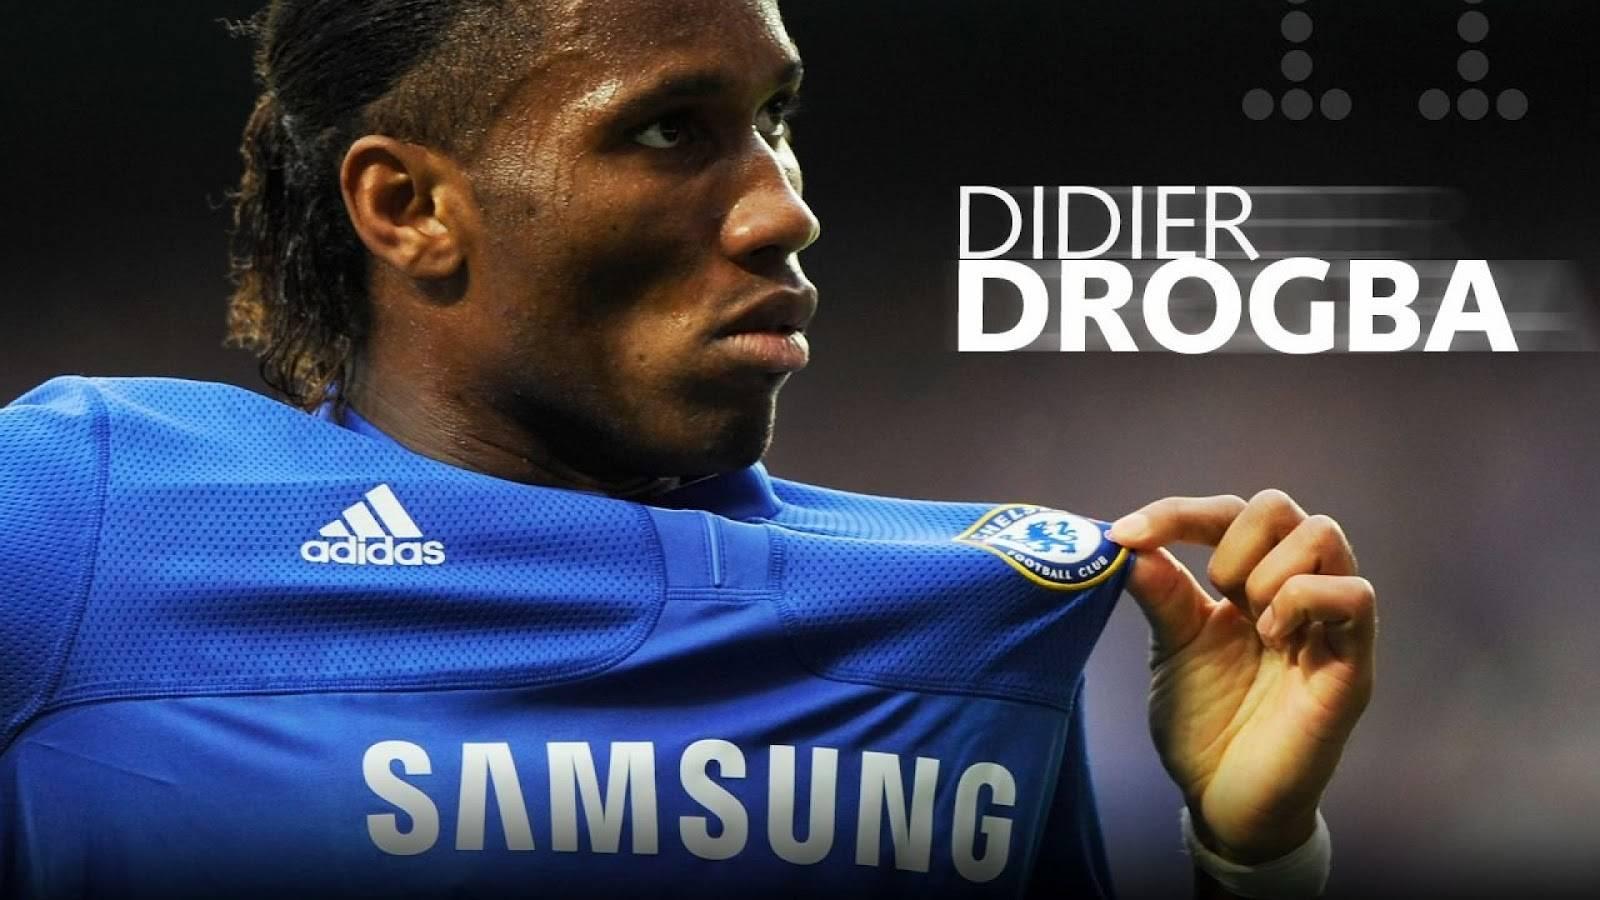 Drogba XI - 'Siêu voi rừng' trong FIFA Online 3